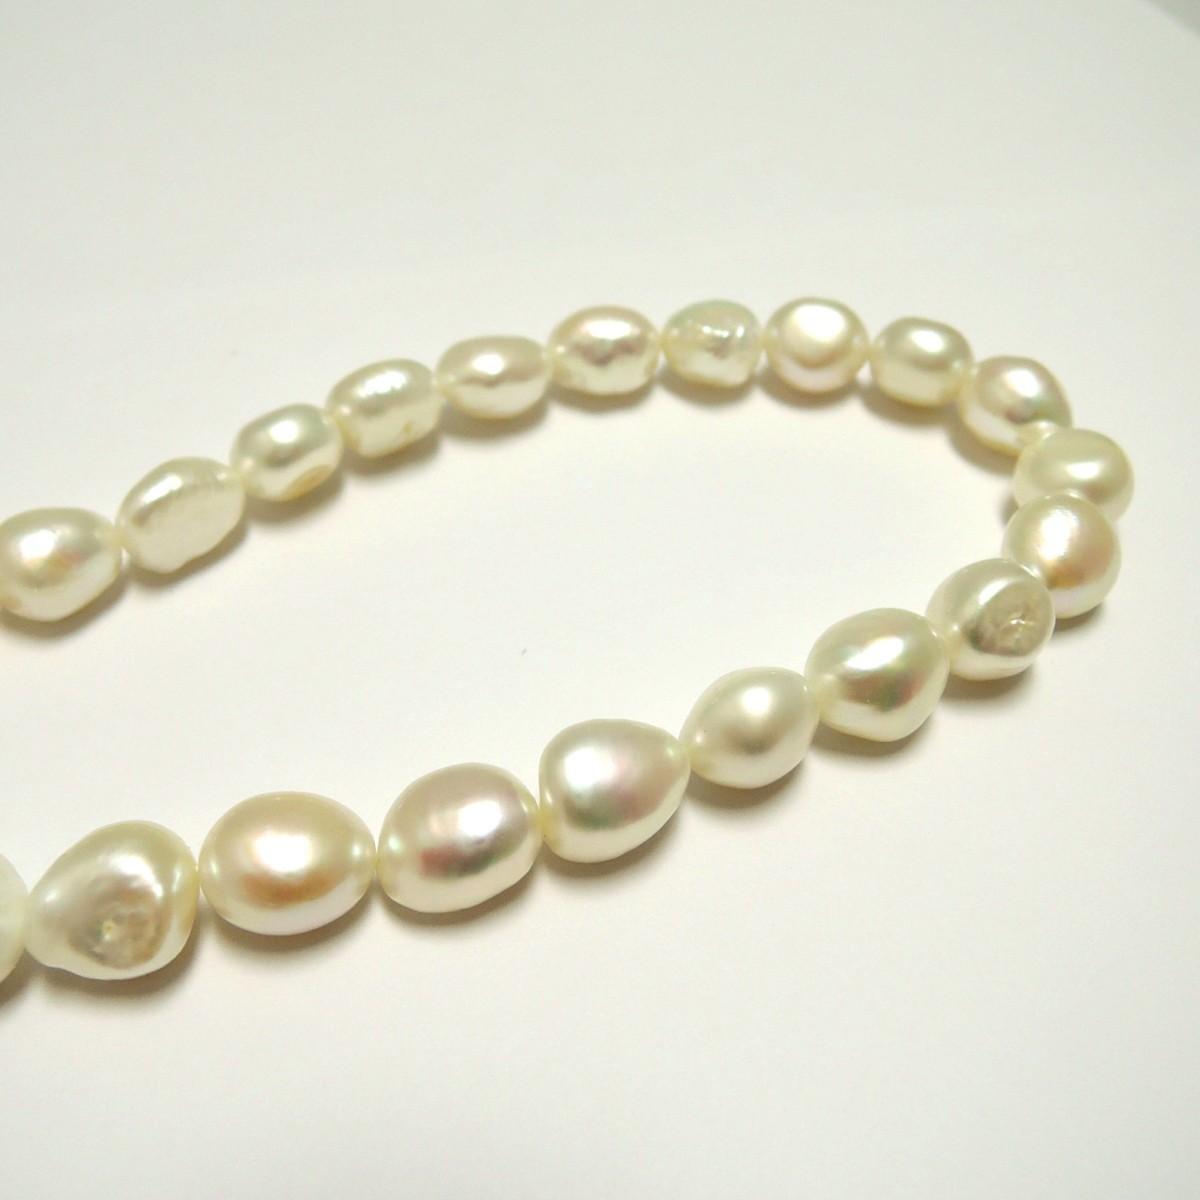 田崎真珠/TASAKI 本真珠 パールネックレス ダイヤ 刻印:0.02 約10mm前後 首回り約40cm FS_画像4